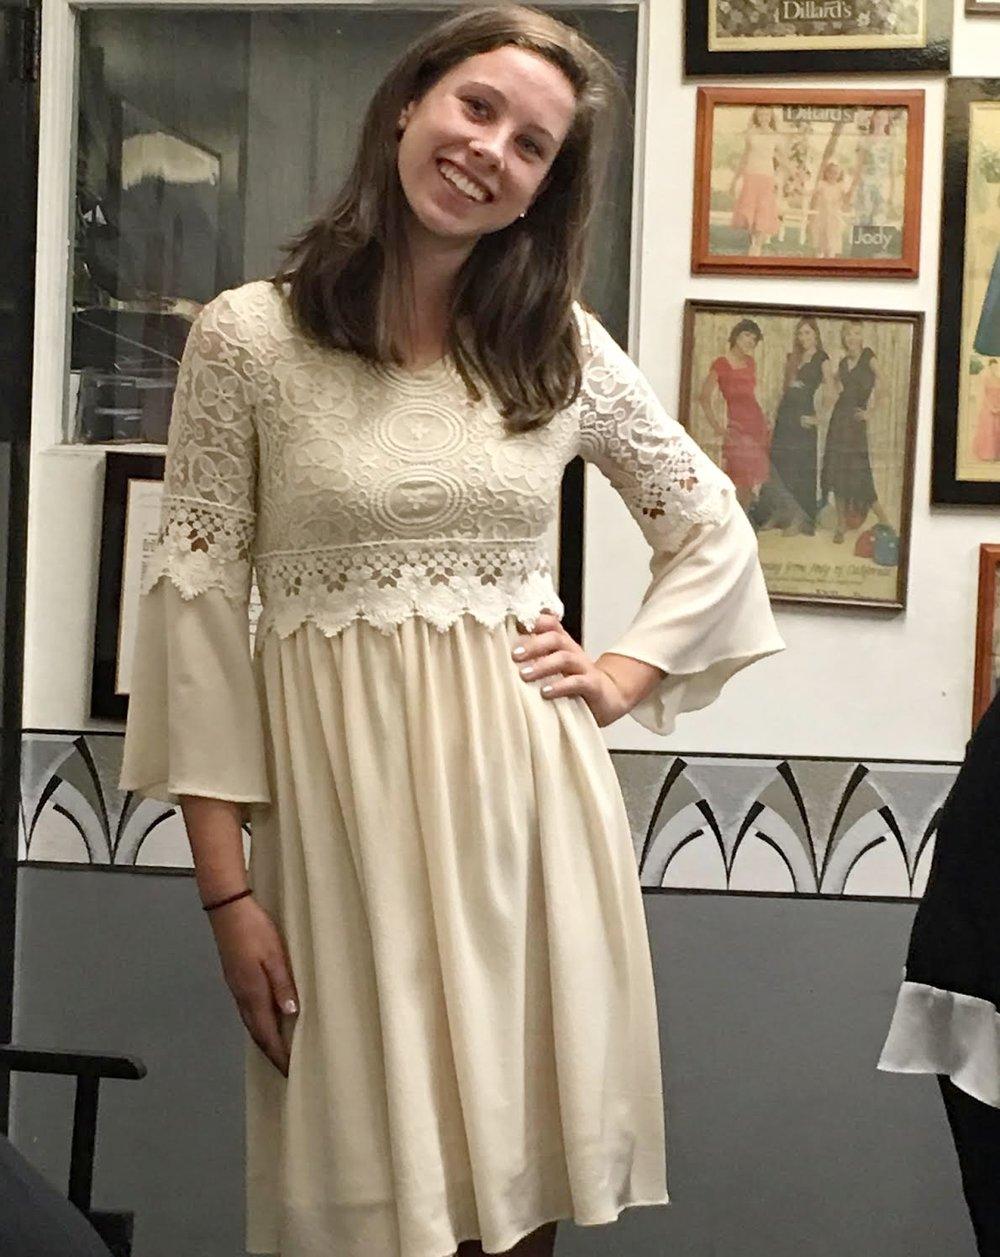 Dressy Dresses — A Closet Full of Dresses